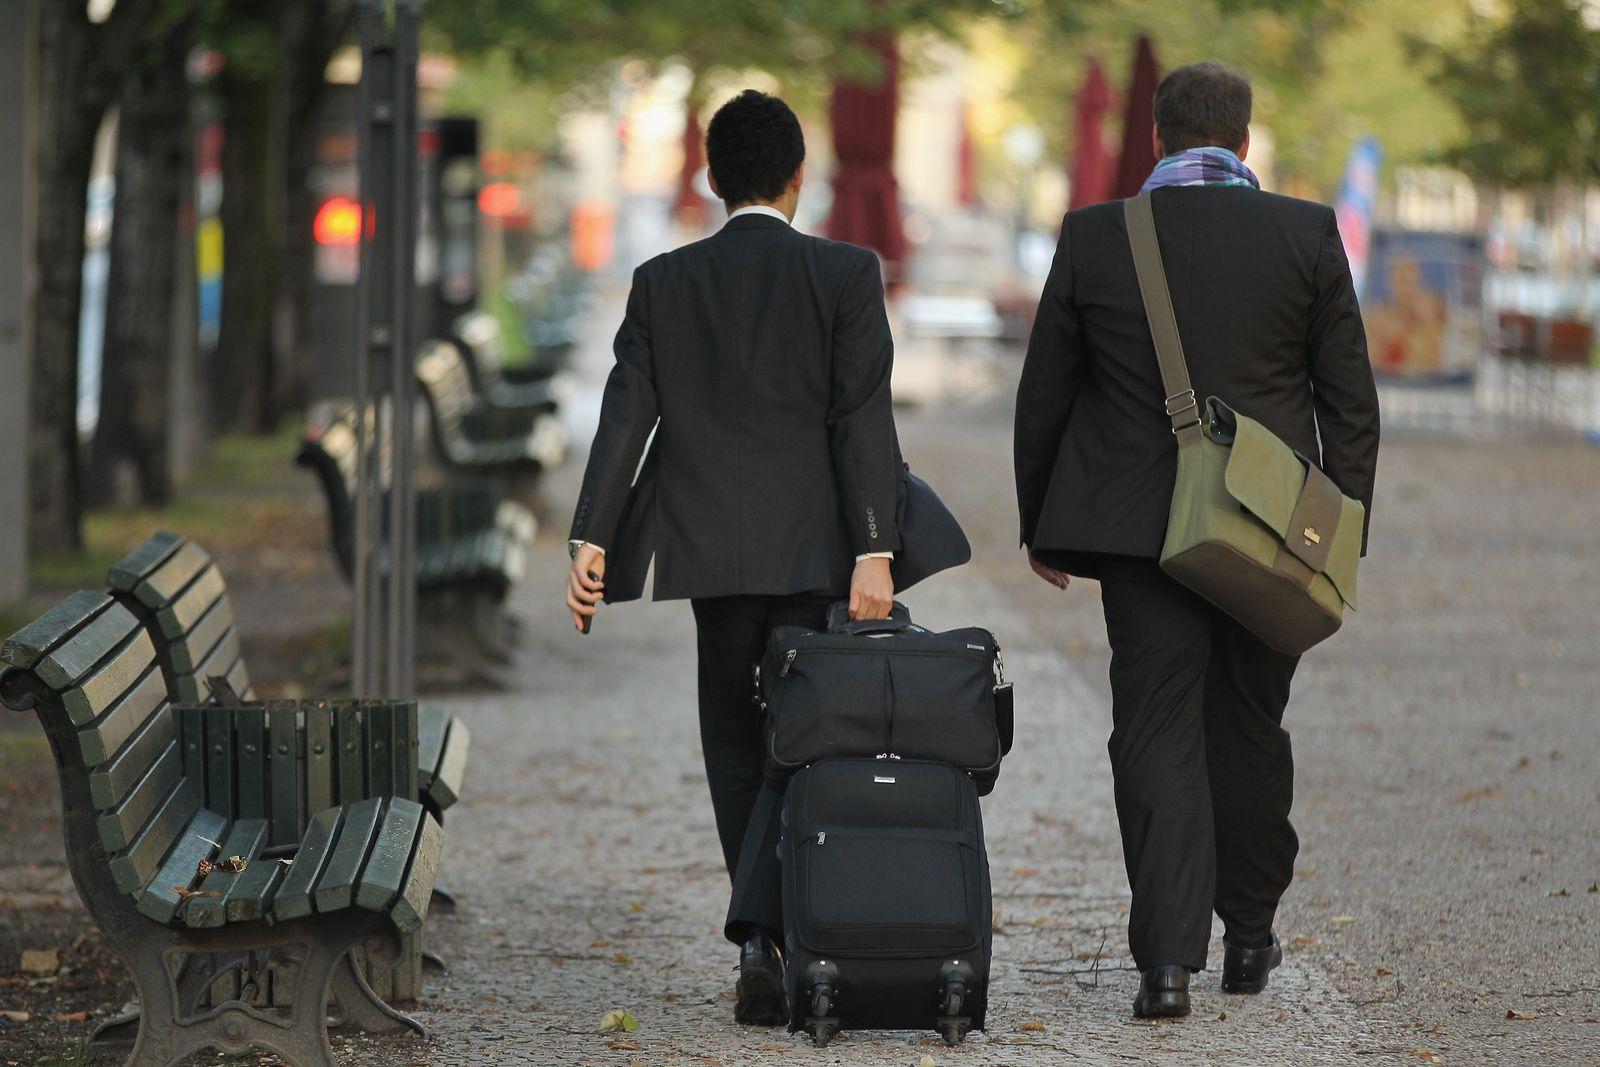 Regierungsviertel / Unter den Linden / Männer / manager / Lobbyismus / Lobbyisten